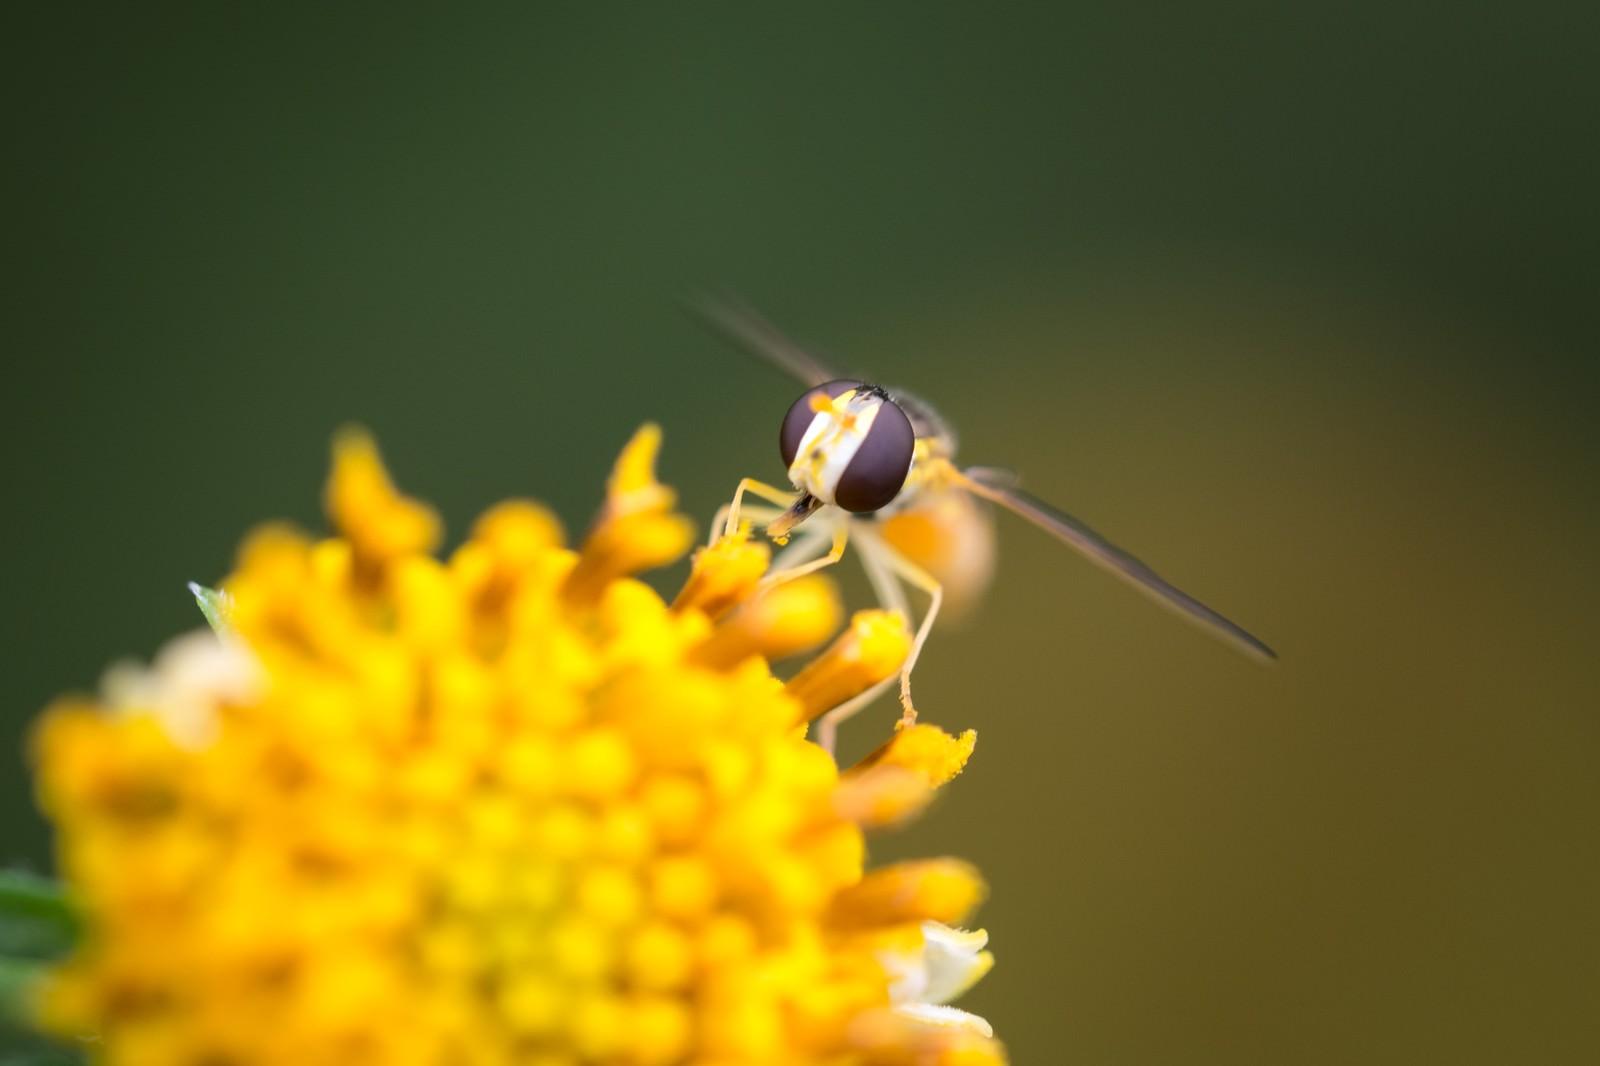 「花粉を運ぶ虻花粉を運ぶ虻」のフリー写真素材を拡大